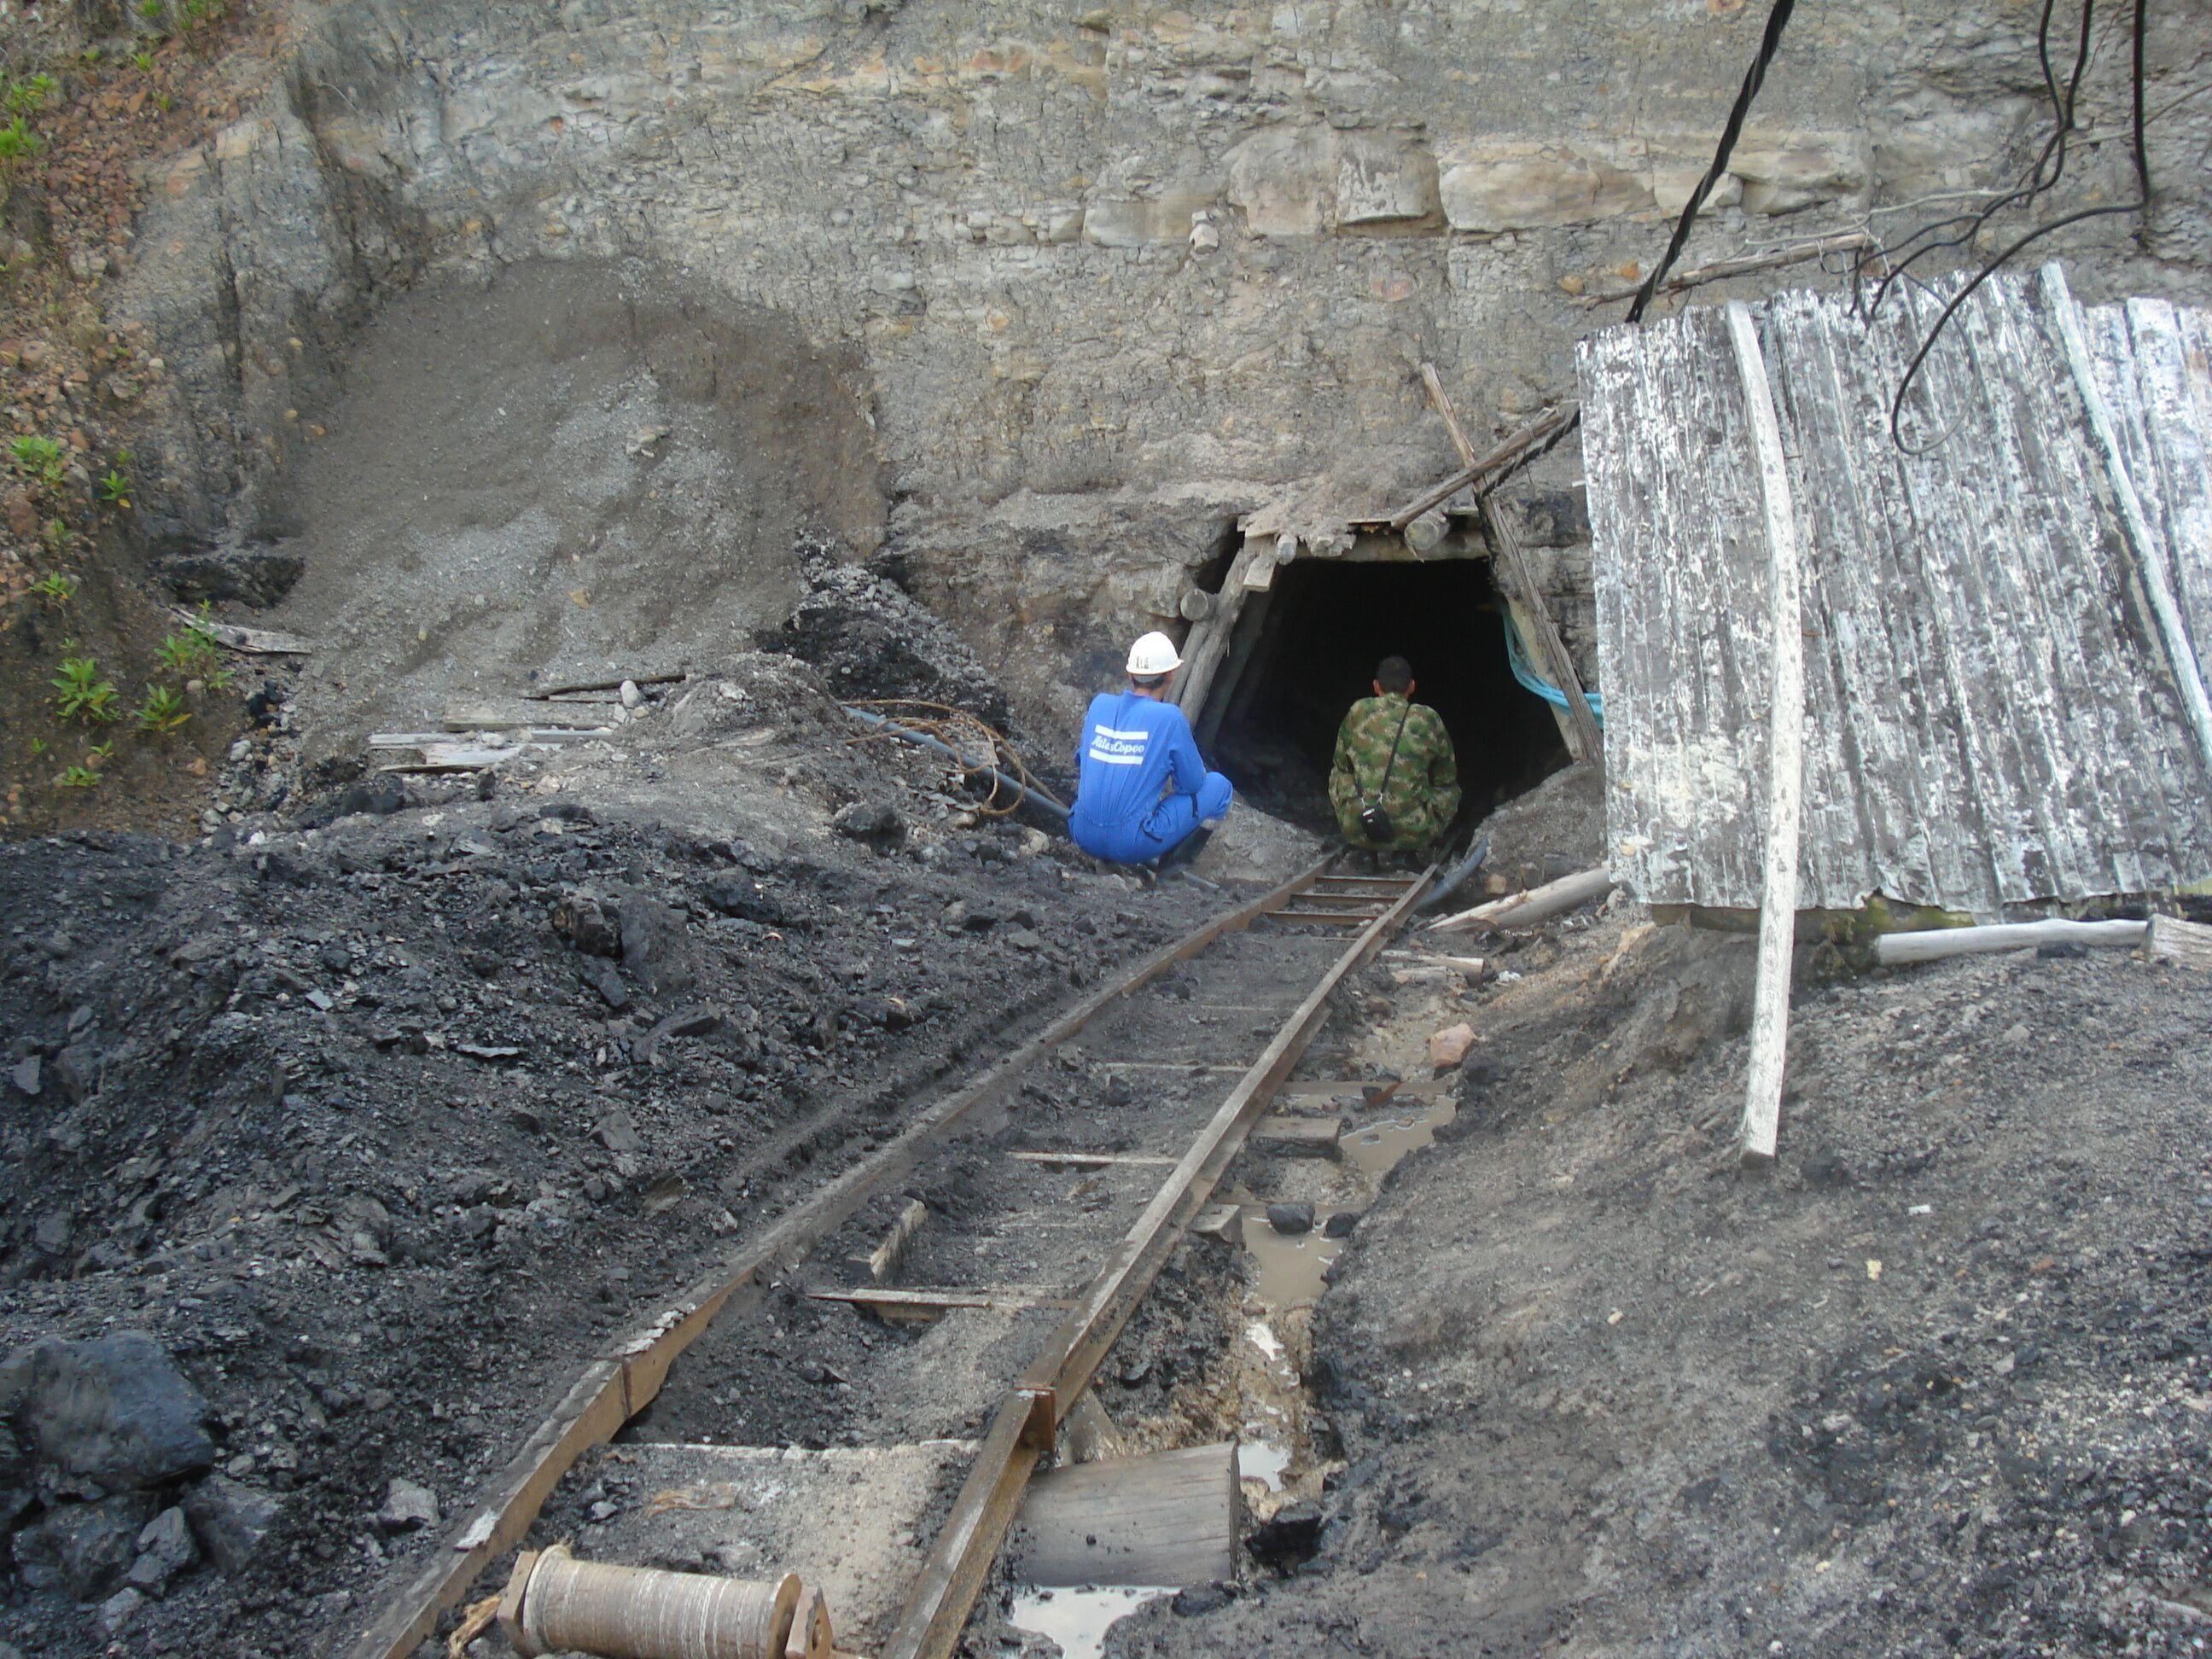 Pocas esperanzas de hallar sobrevivientes en mina de Antioquia